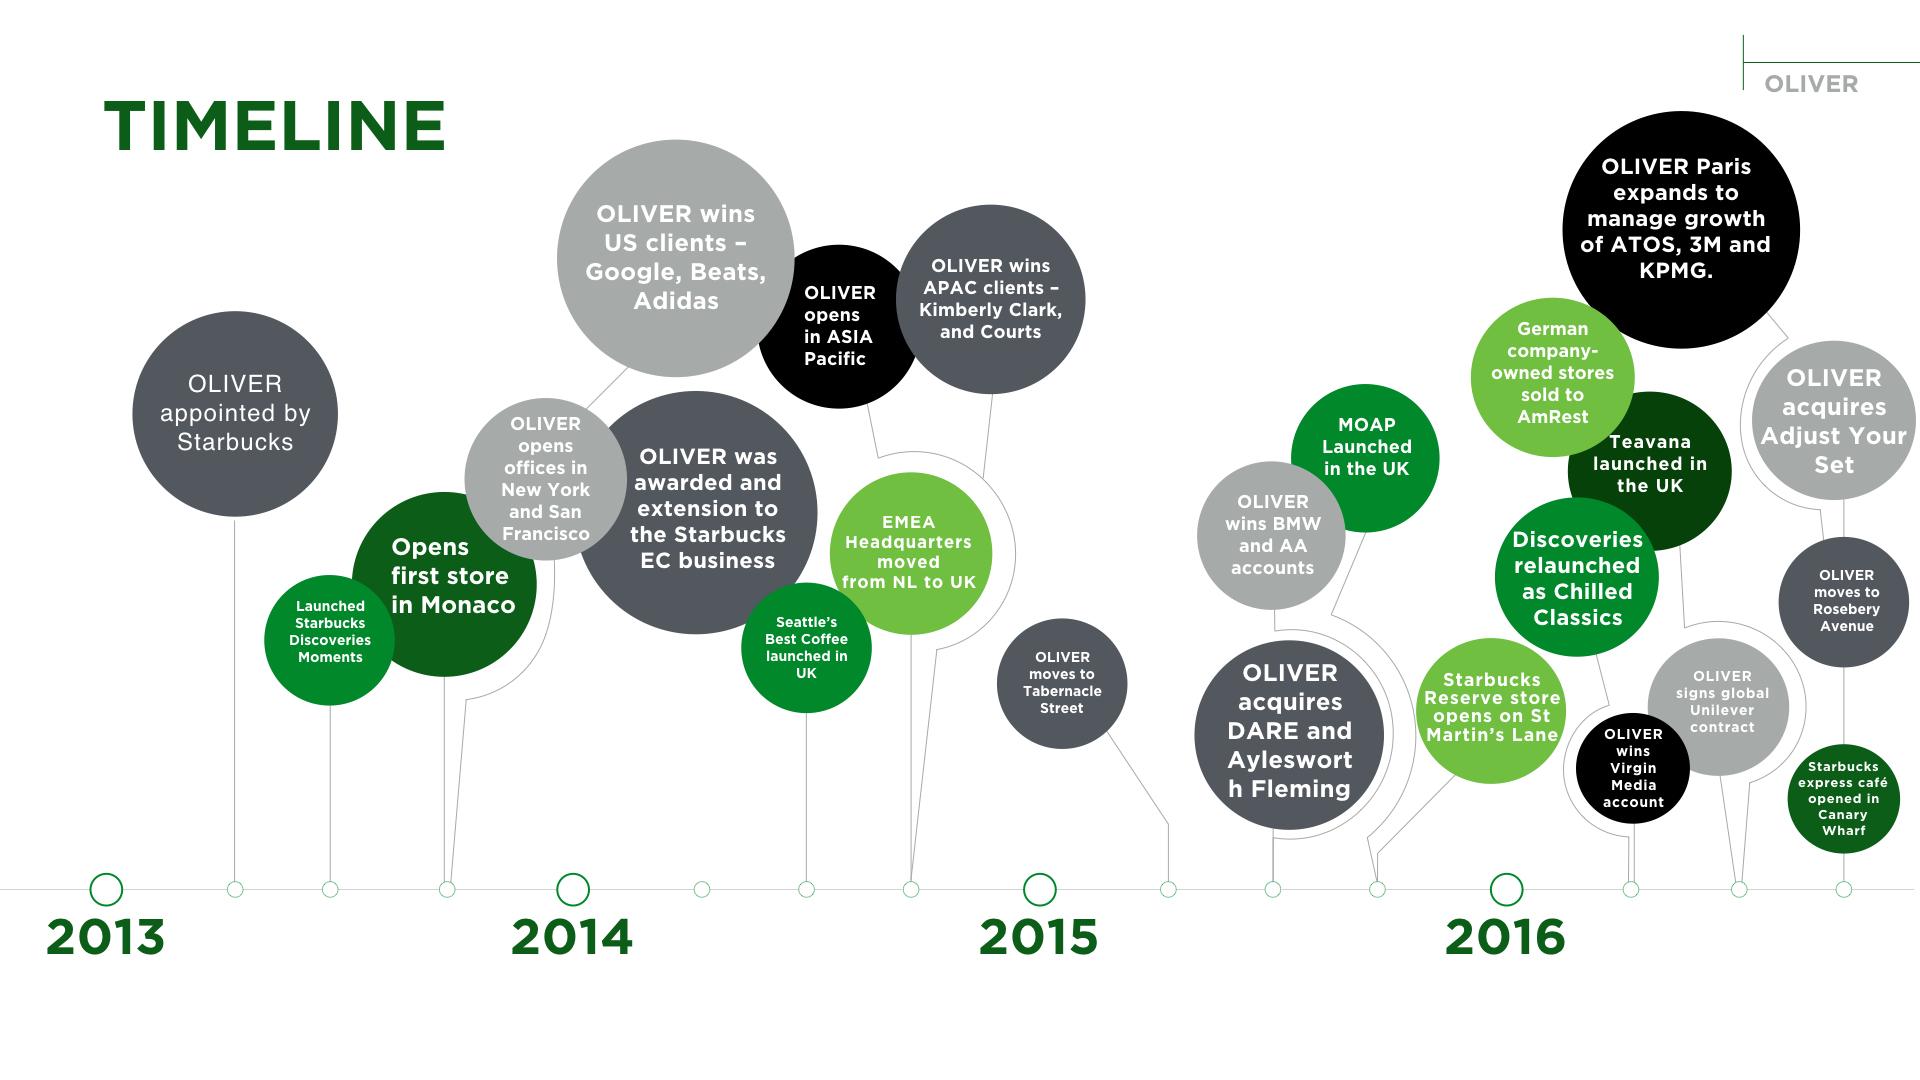 Starbucks_time line_Timeline_Bubbles_v2.001.jpeg